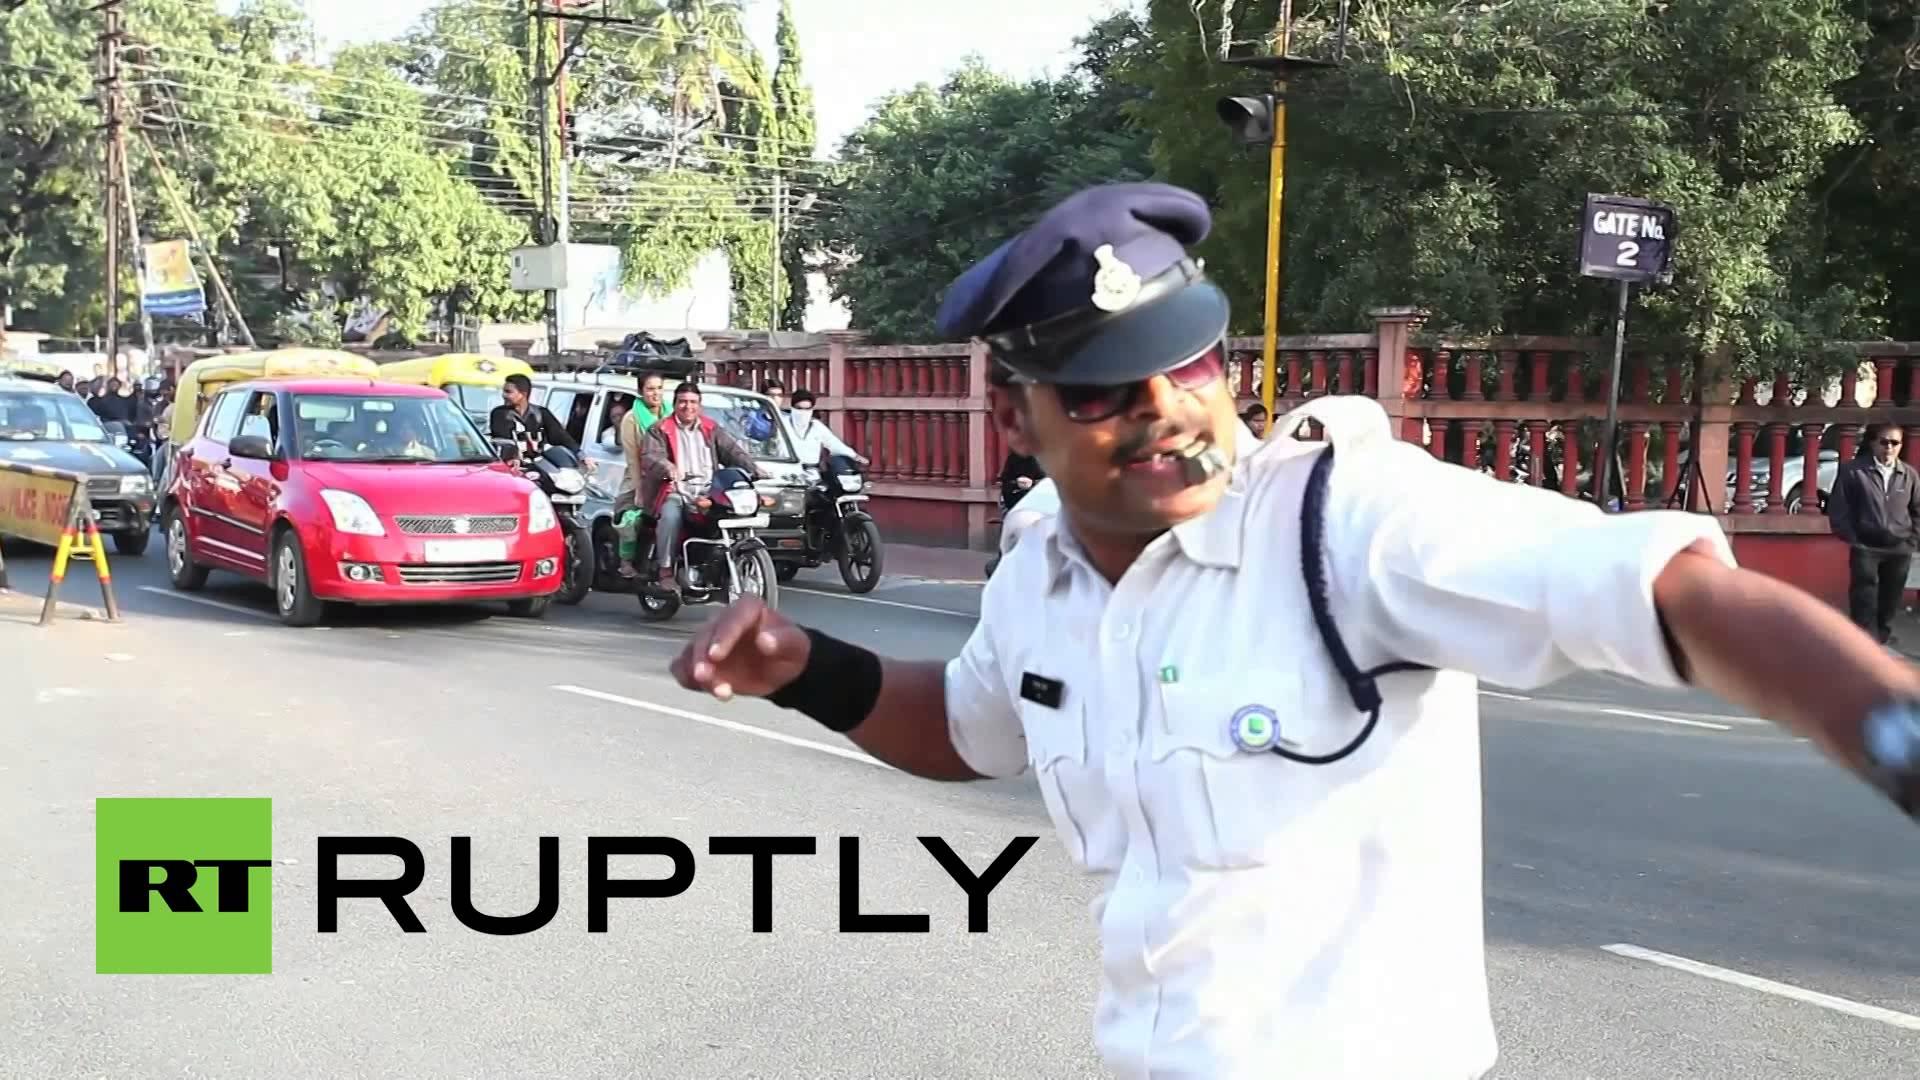 マイケルジャクソン風の動作で交通整理をするインドの警官